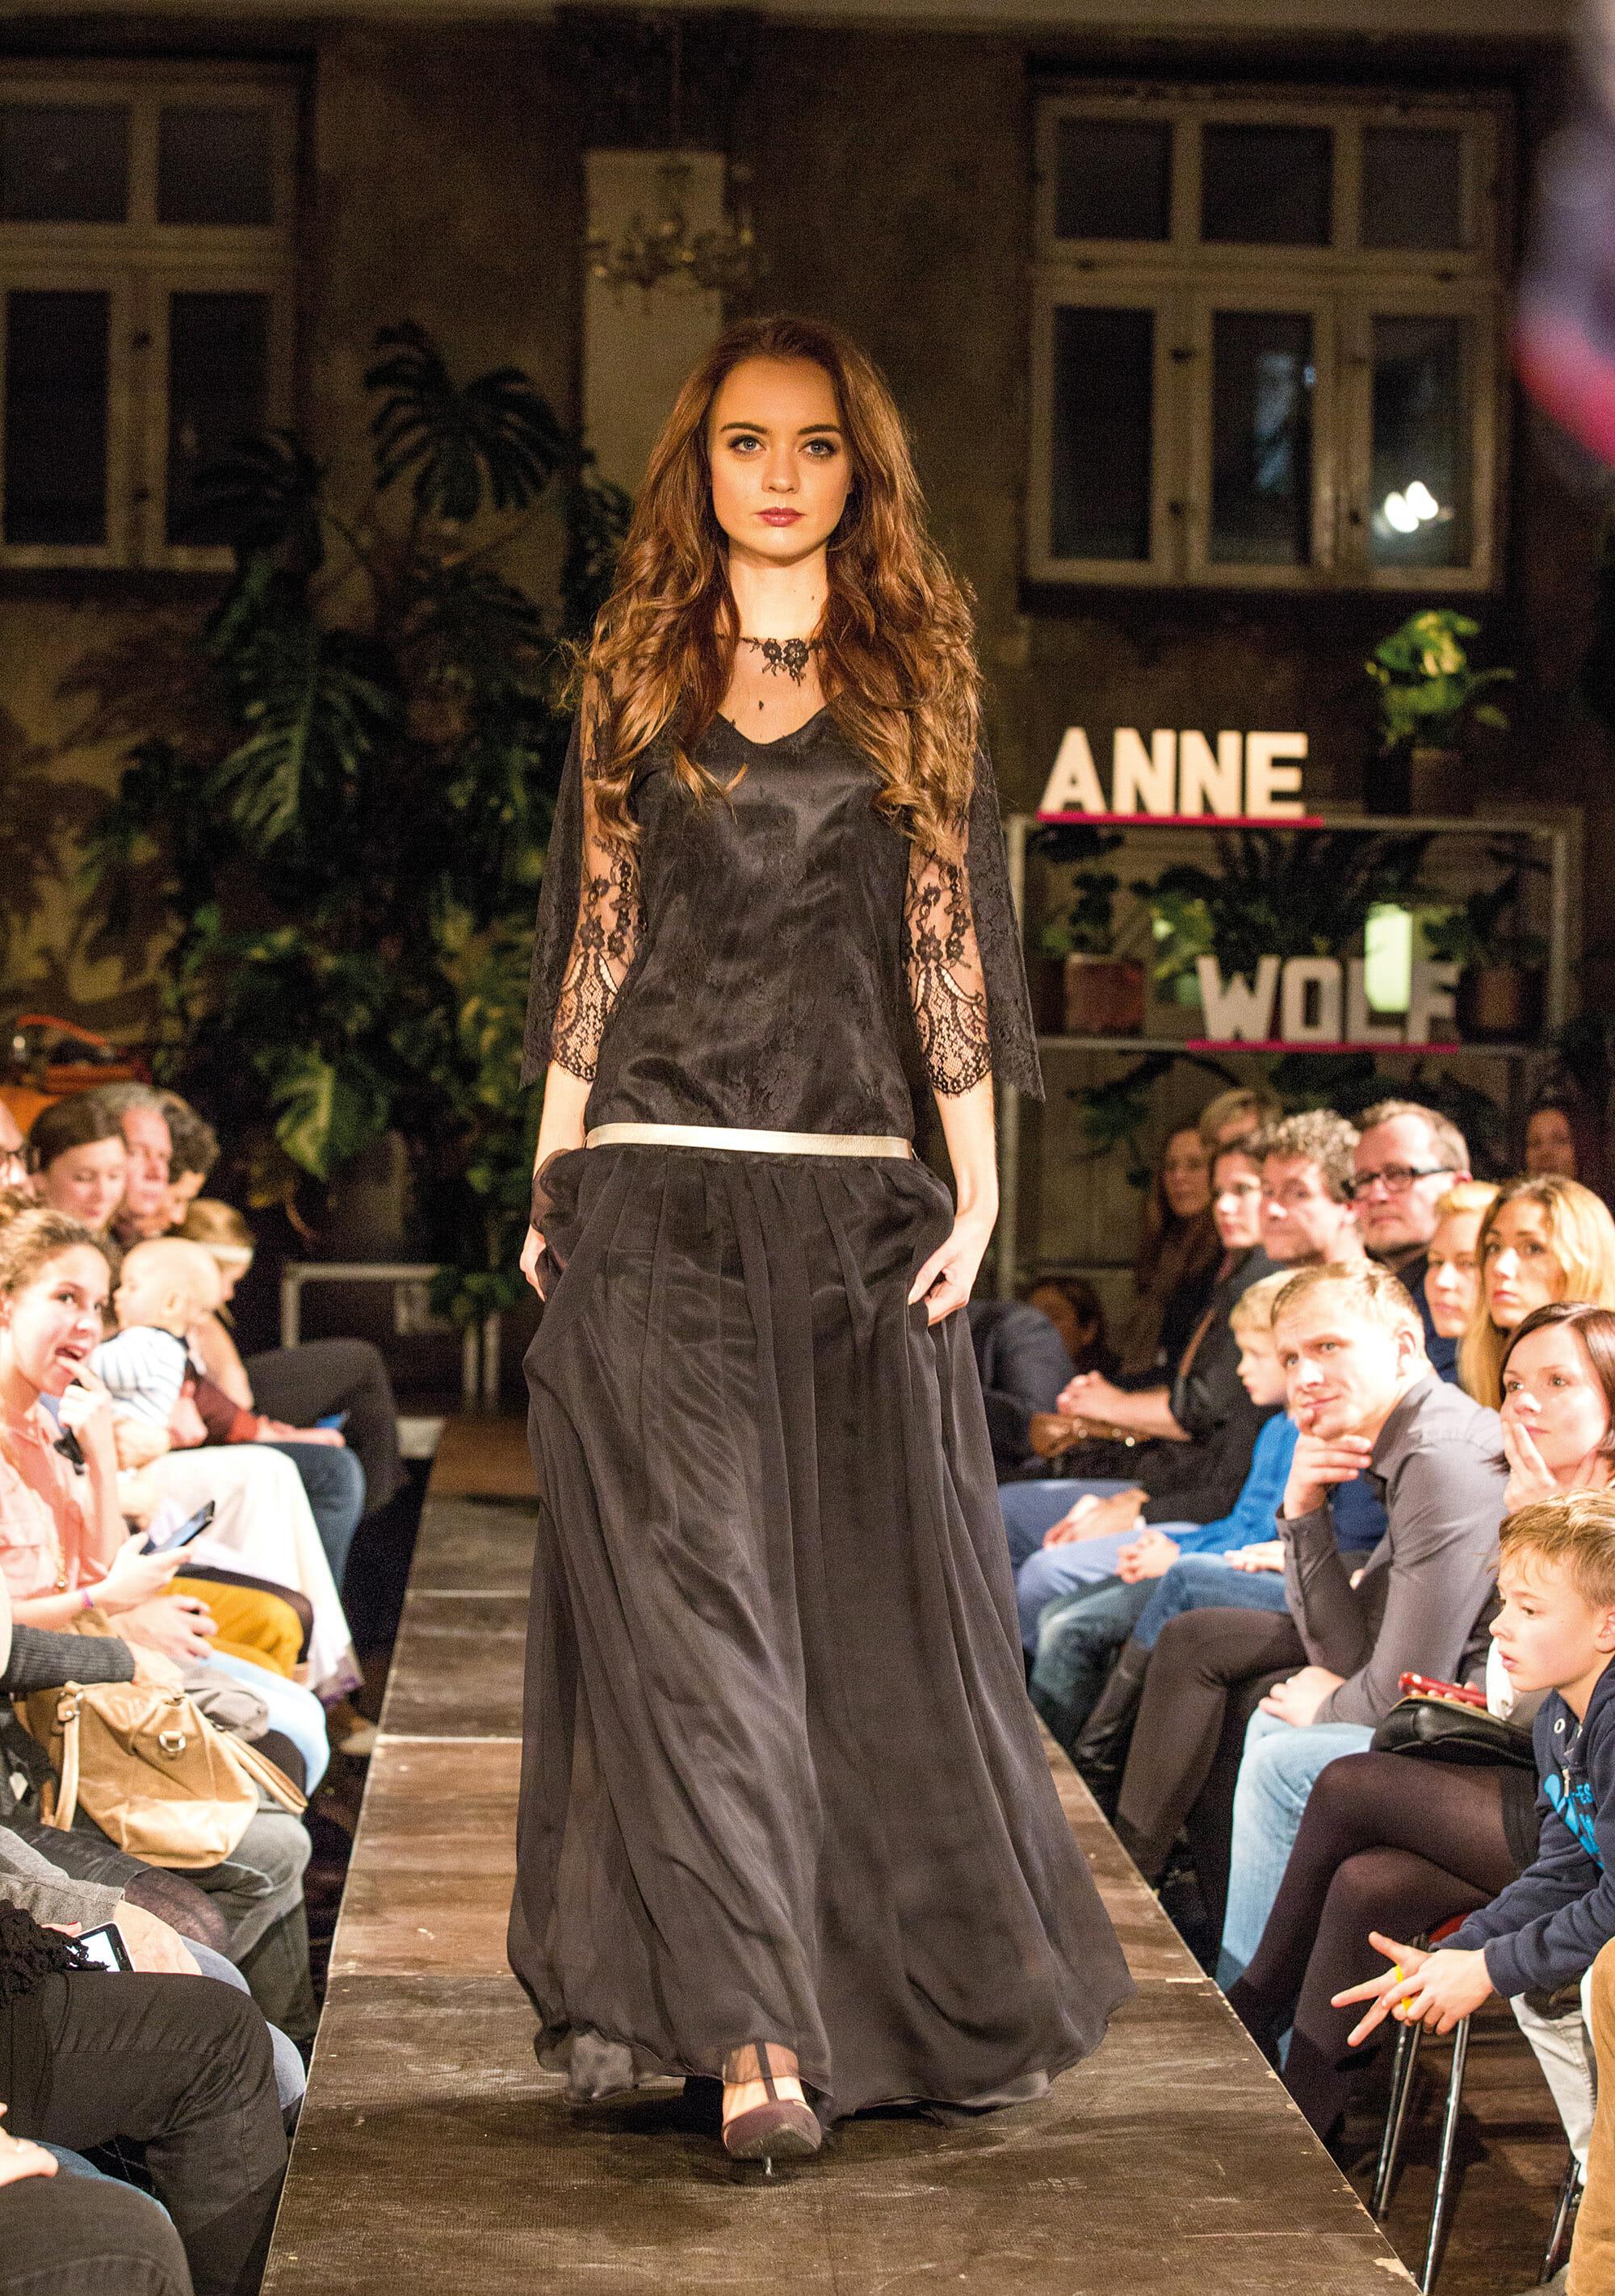 ANNE WOLF Abendkleider Modell: Iva